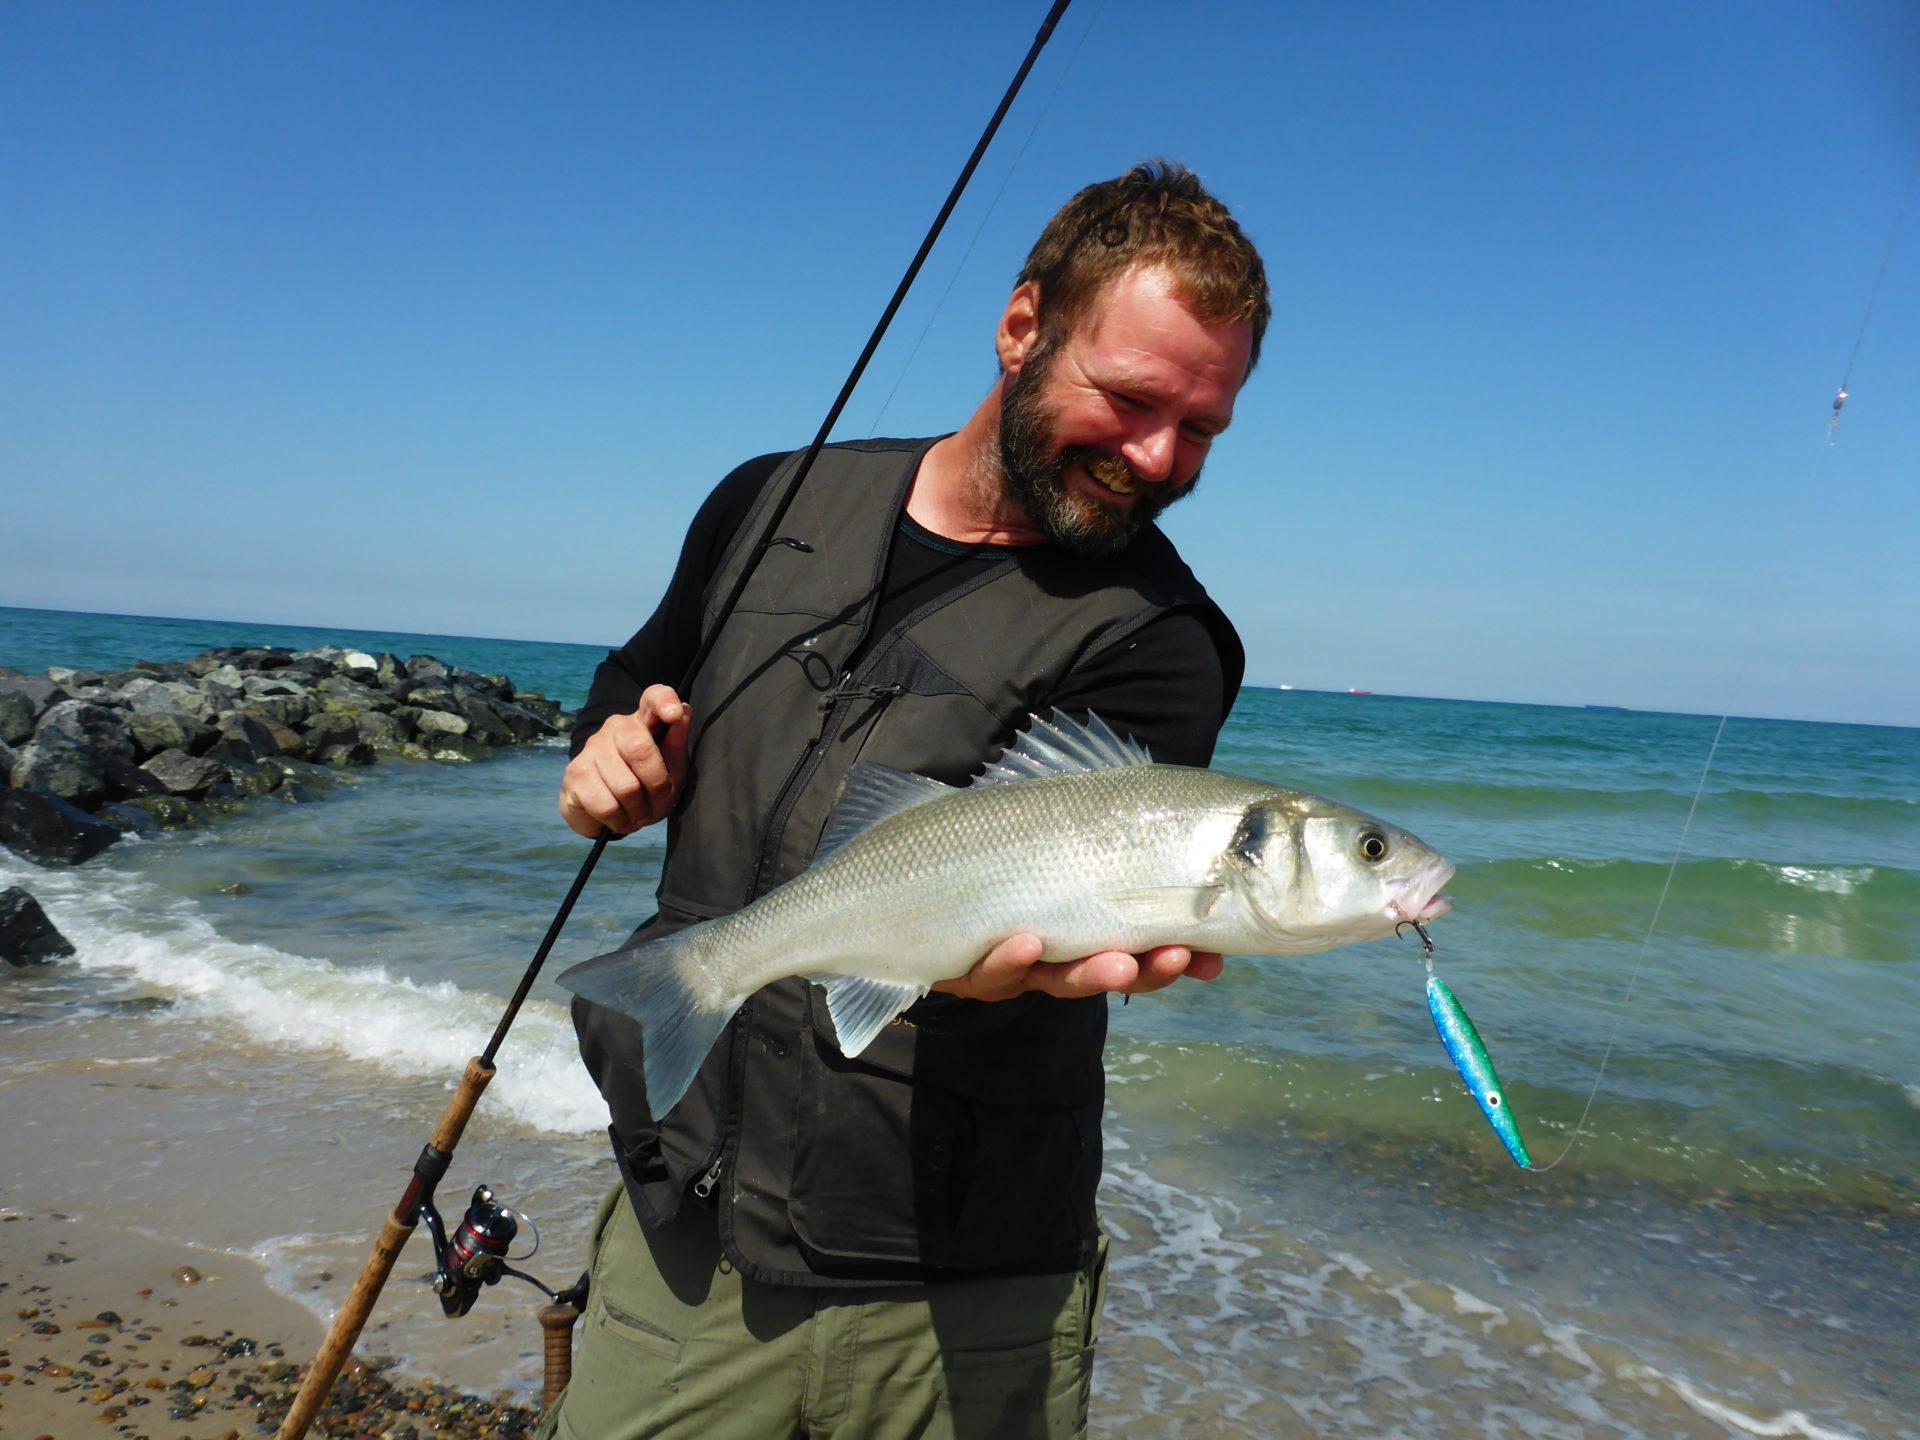 Havbars - fiskeri fra vestkysten. En spændende mulighed.